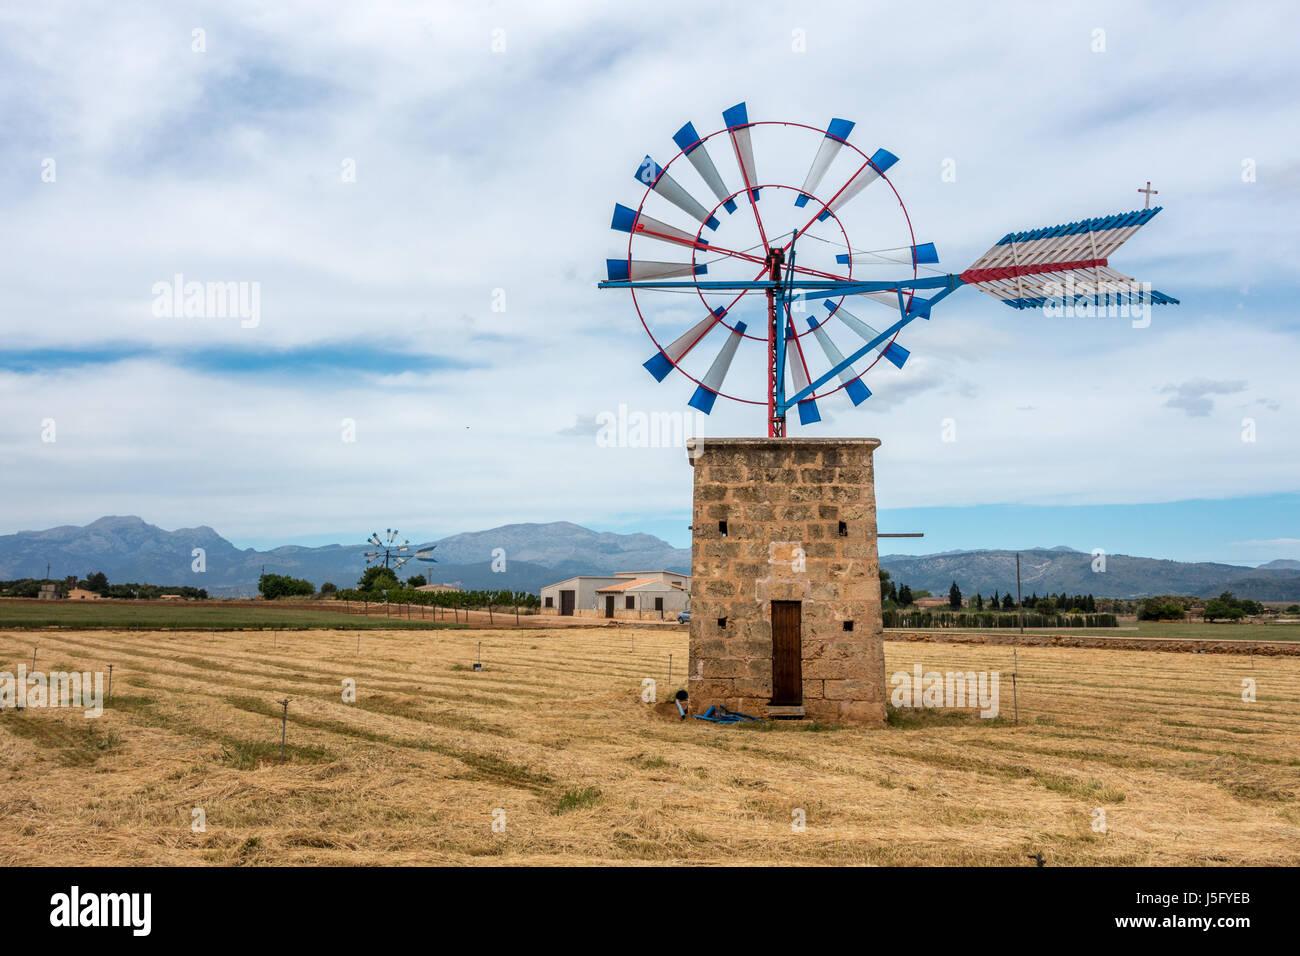 Alte Windmühle verwendet für die Landwirtschaft im Norden Mallorca, Mallorca, Balearen, Spanien Stockbild